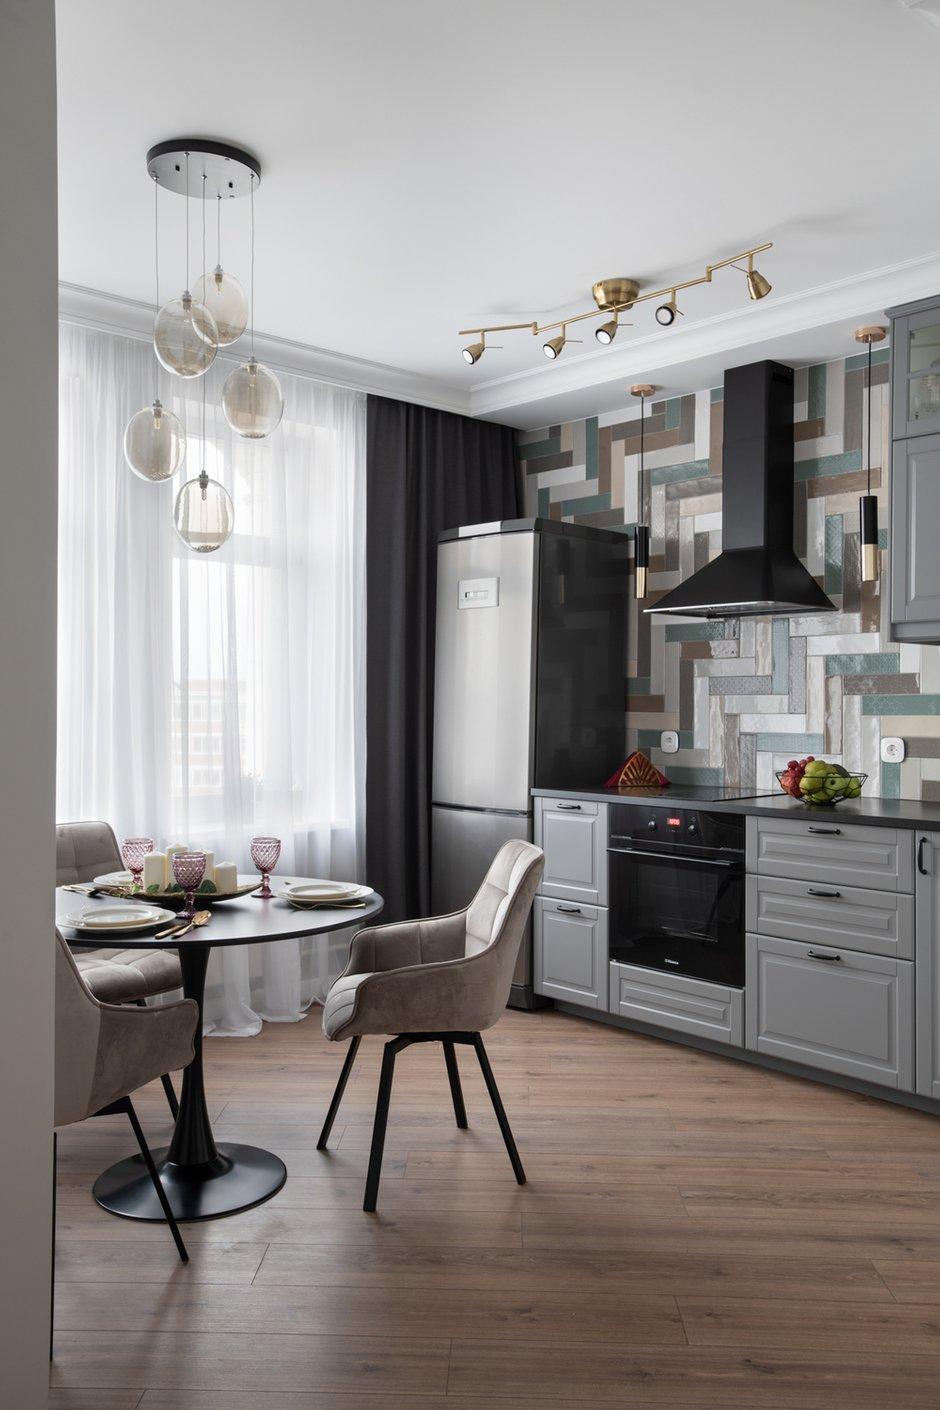 Фотография: Кухня и столовая в стиле Современный, Эклектика, Квартира, Советы, 2 комнаты, 60-90 метров, Юлия Горбунова – фото на INMYROOM